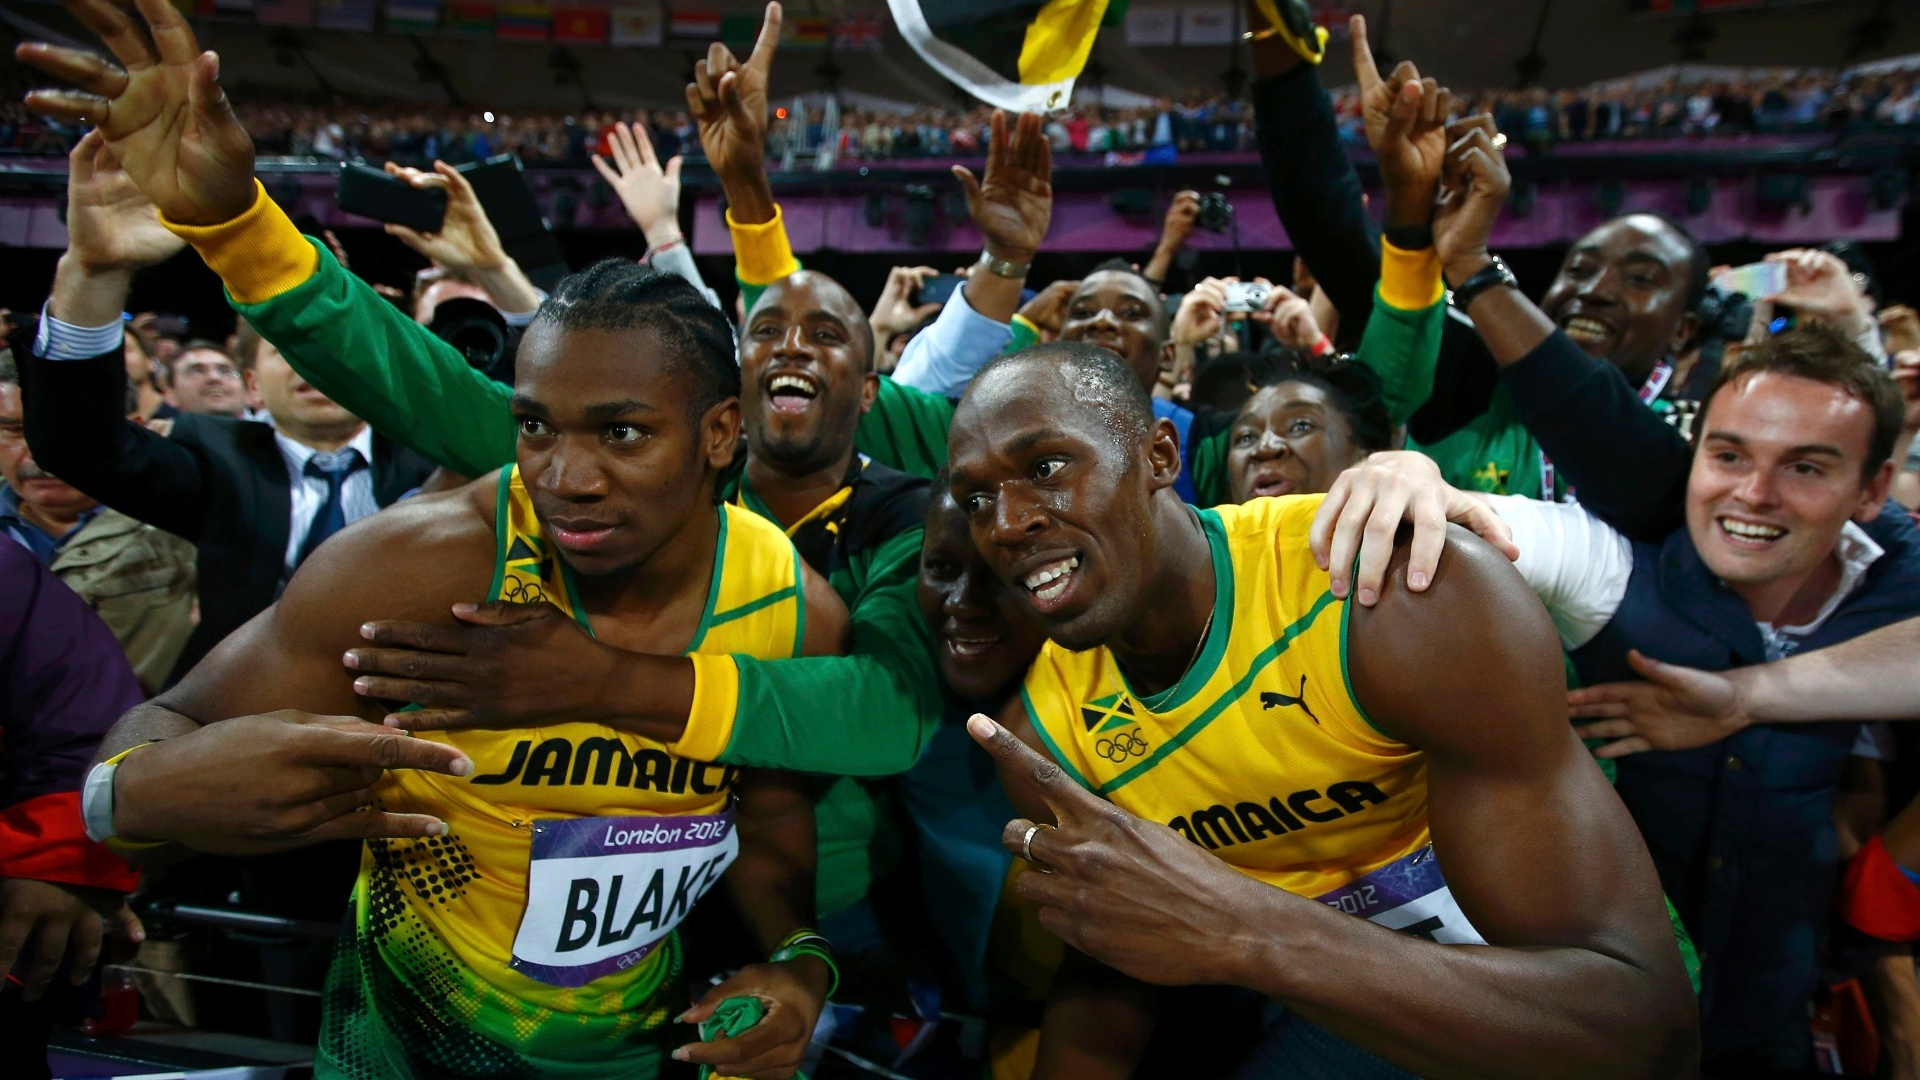 Usain Bolt e Yohan Blake fazem pose após final olímpica dos 100 m rasos